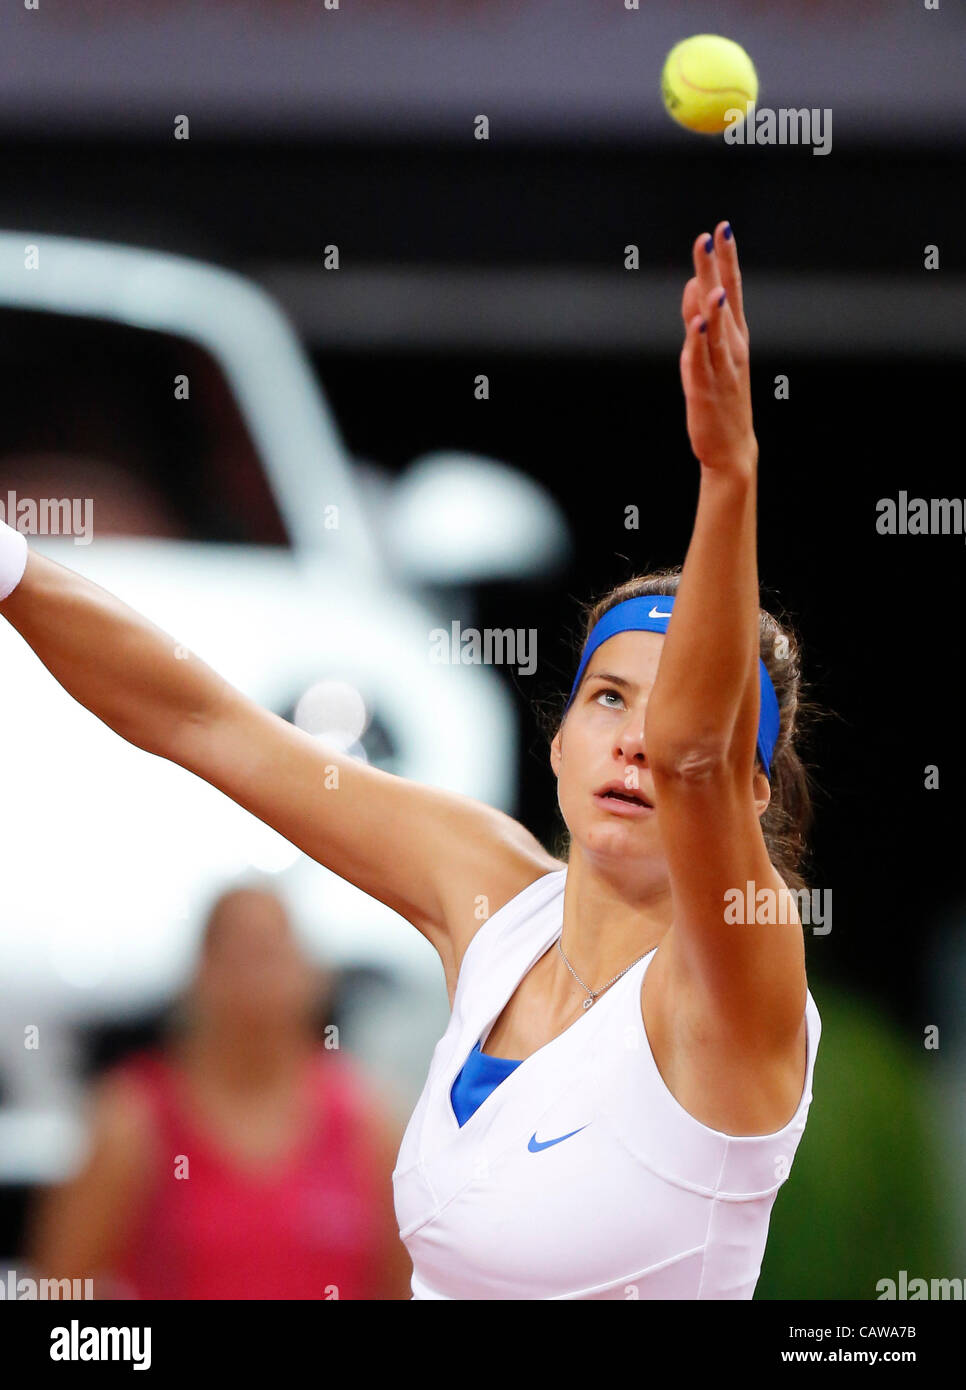 Julia GOERGES (GER)  Aktion Aufschlag,  Portrait, Kopf, Gesicht, Tennisball, Einzelbild   beim Porsche Tennis Grand - Stock Image